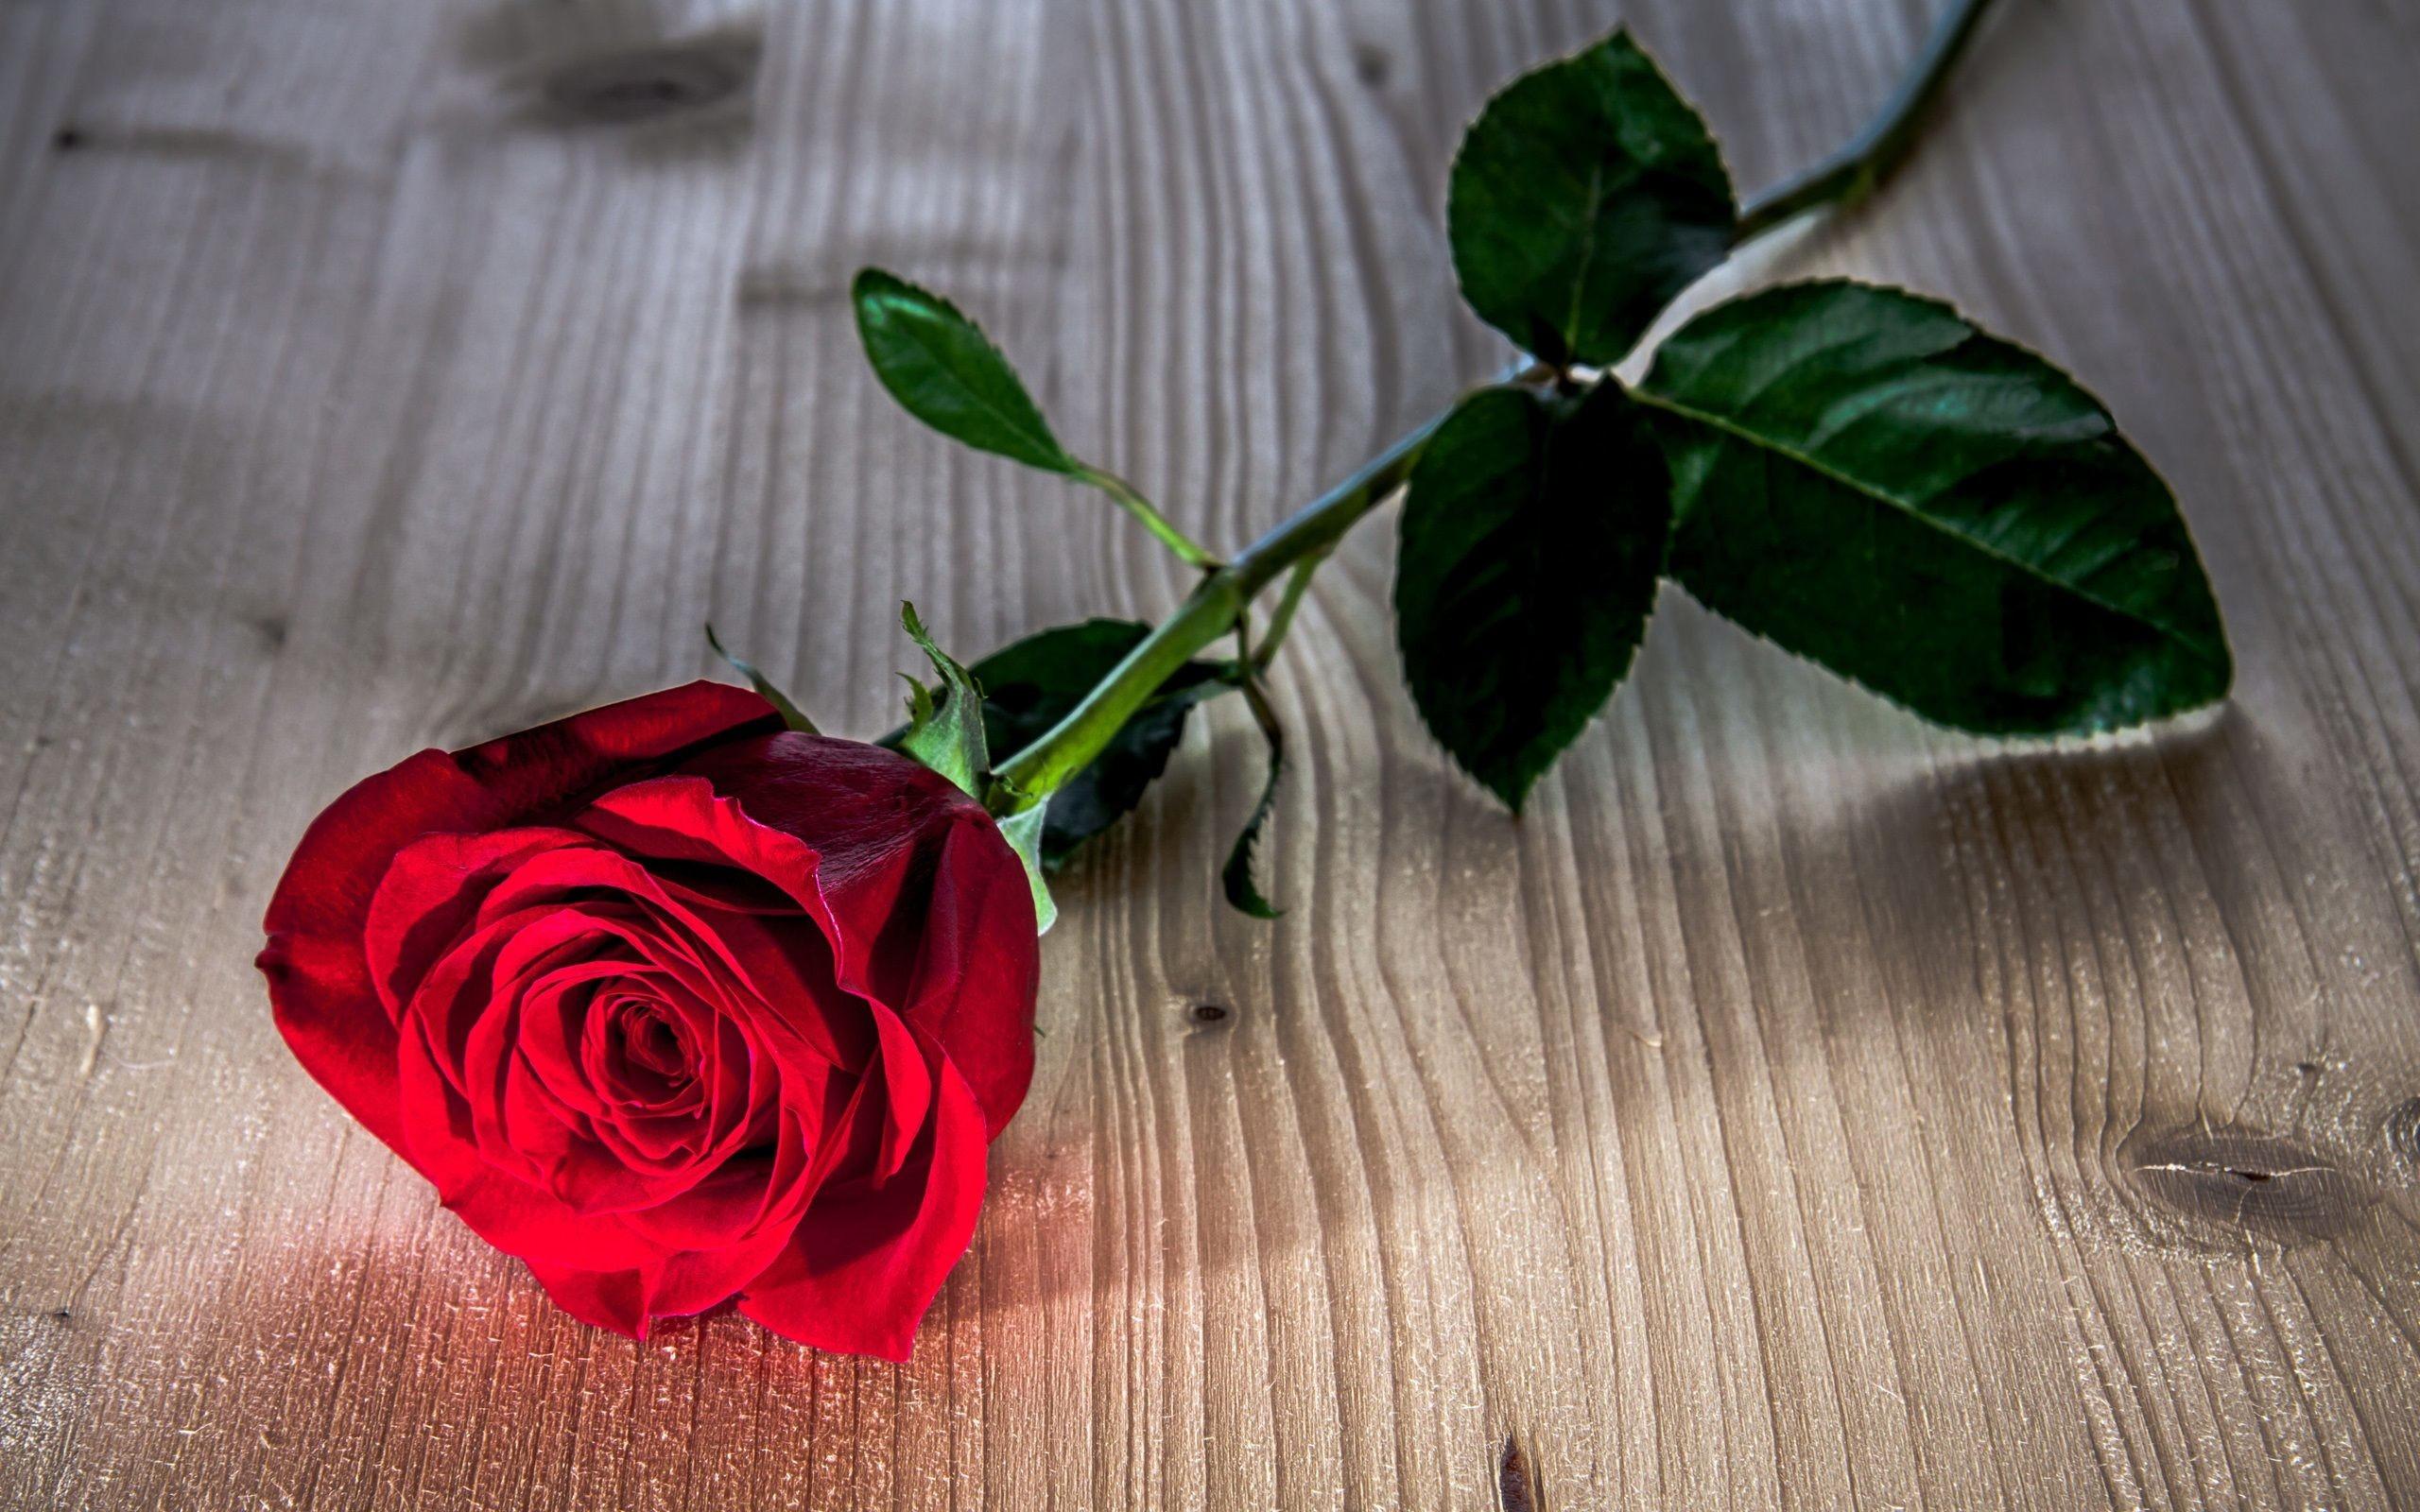 Lovely Rose Wallpaper Flowers Nature Wallpapers in jpg format for